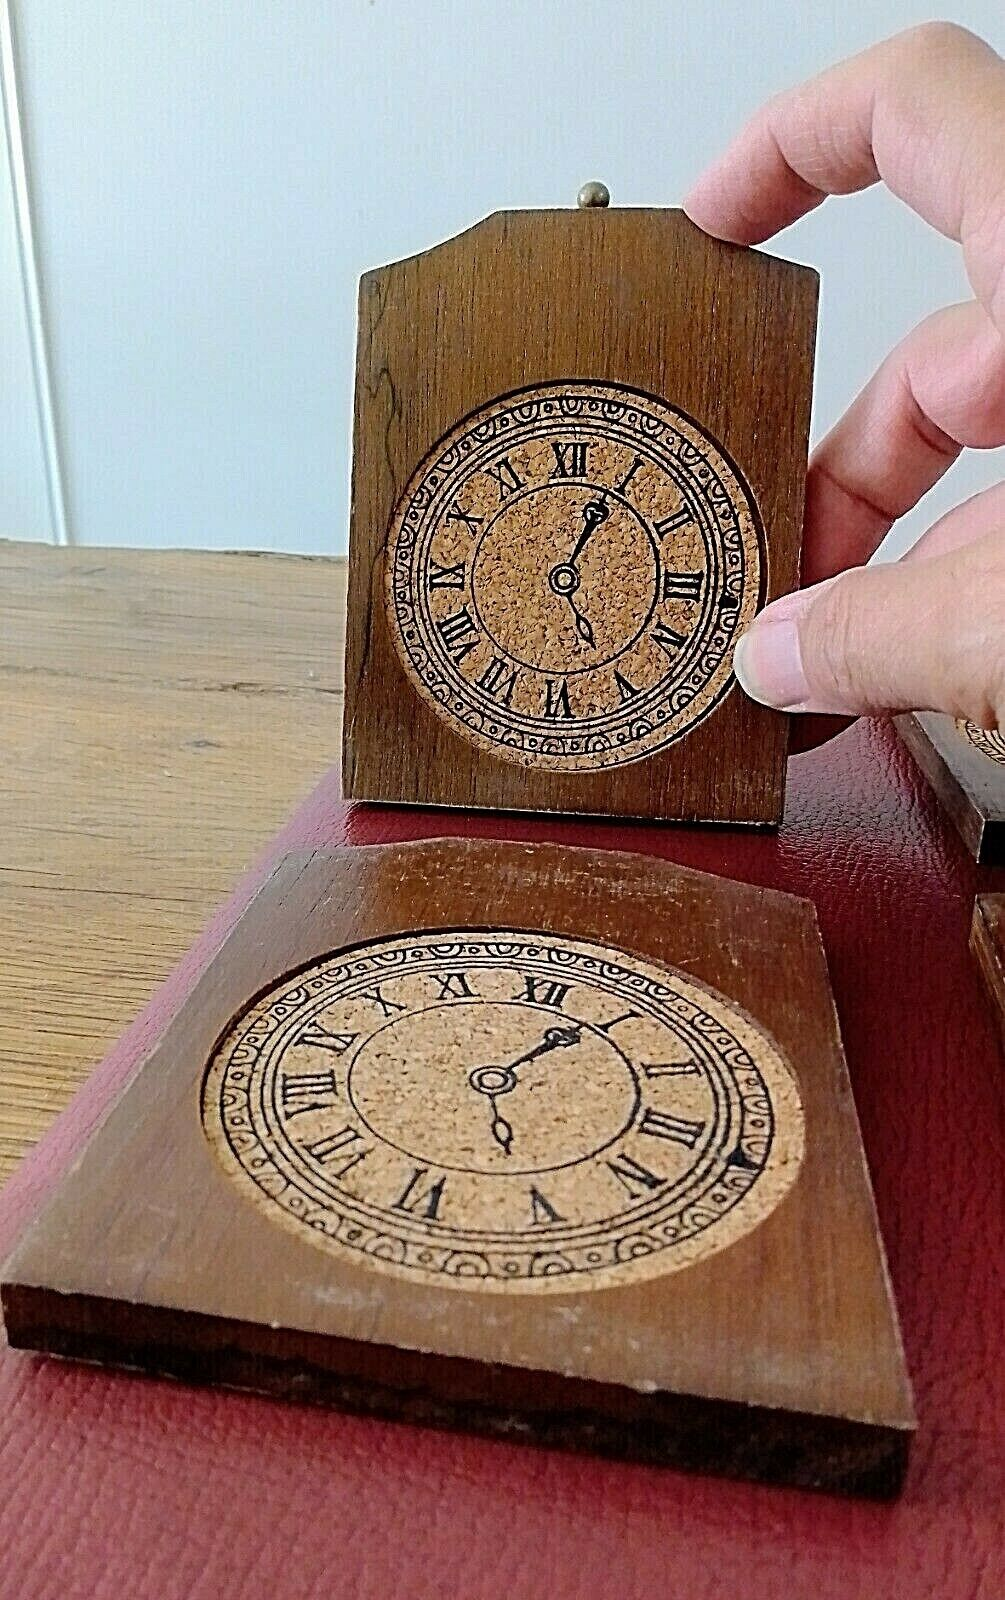 6 dessous de verre en bois et liÈge dans leur boite